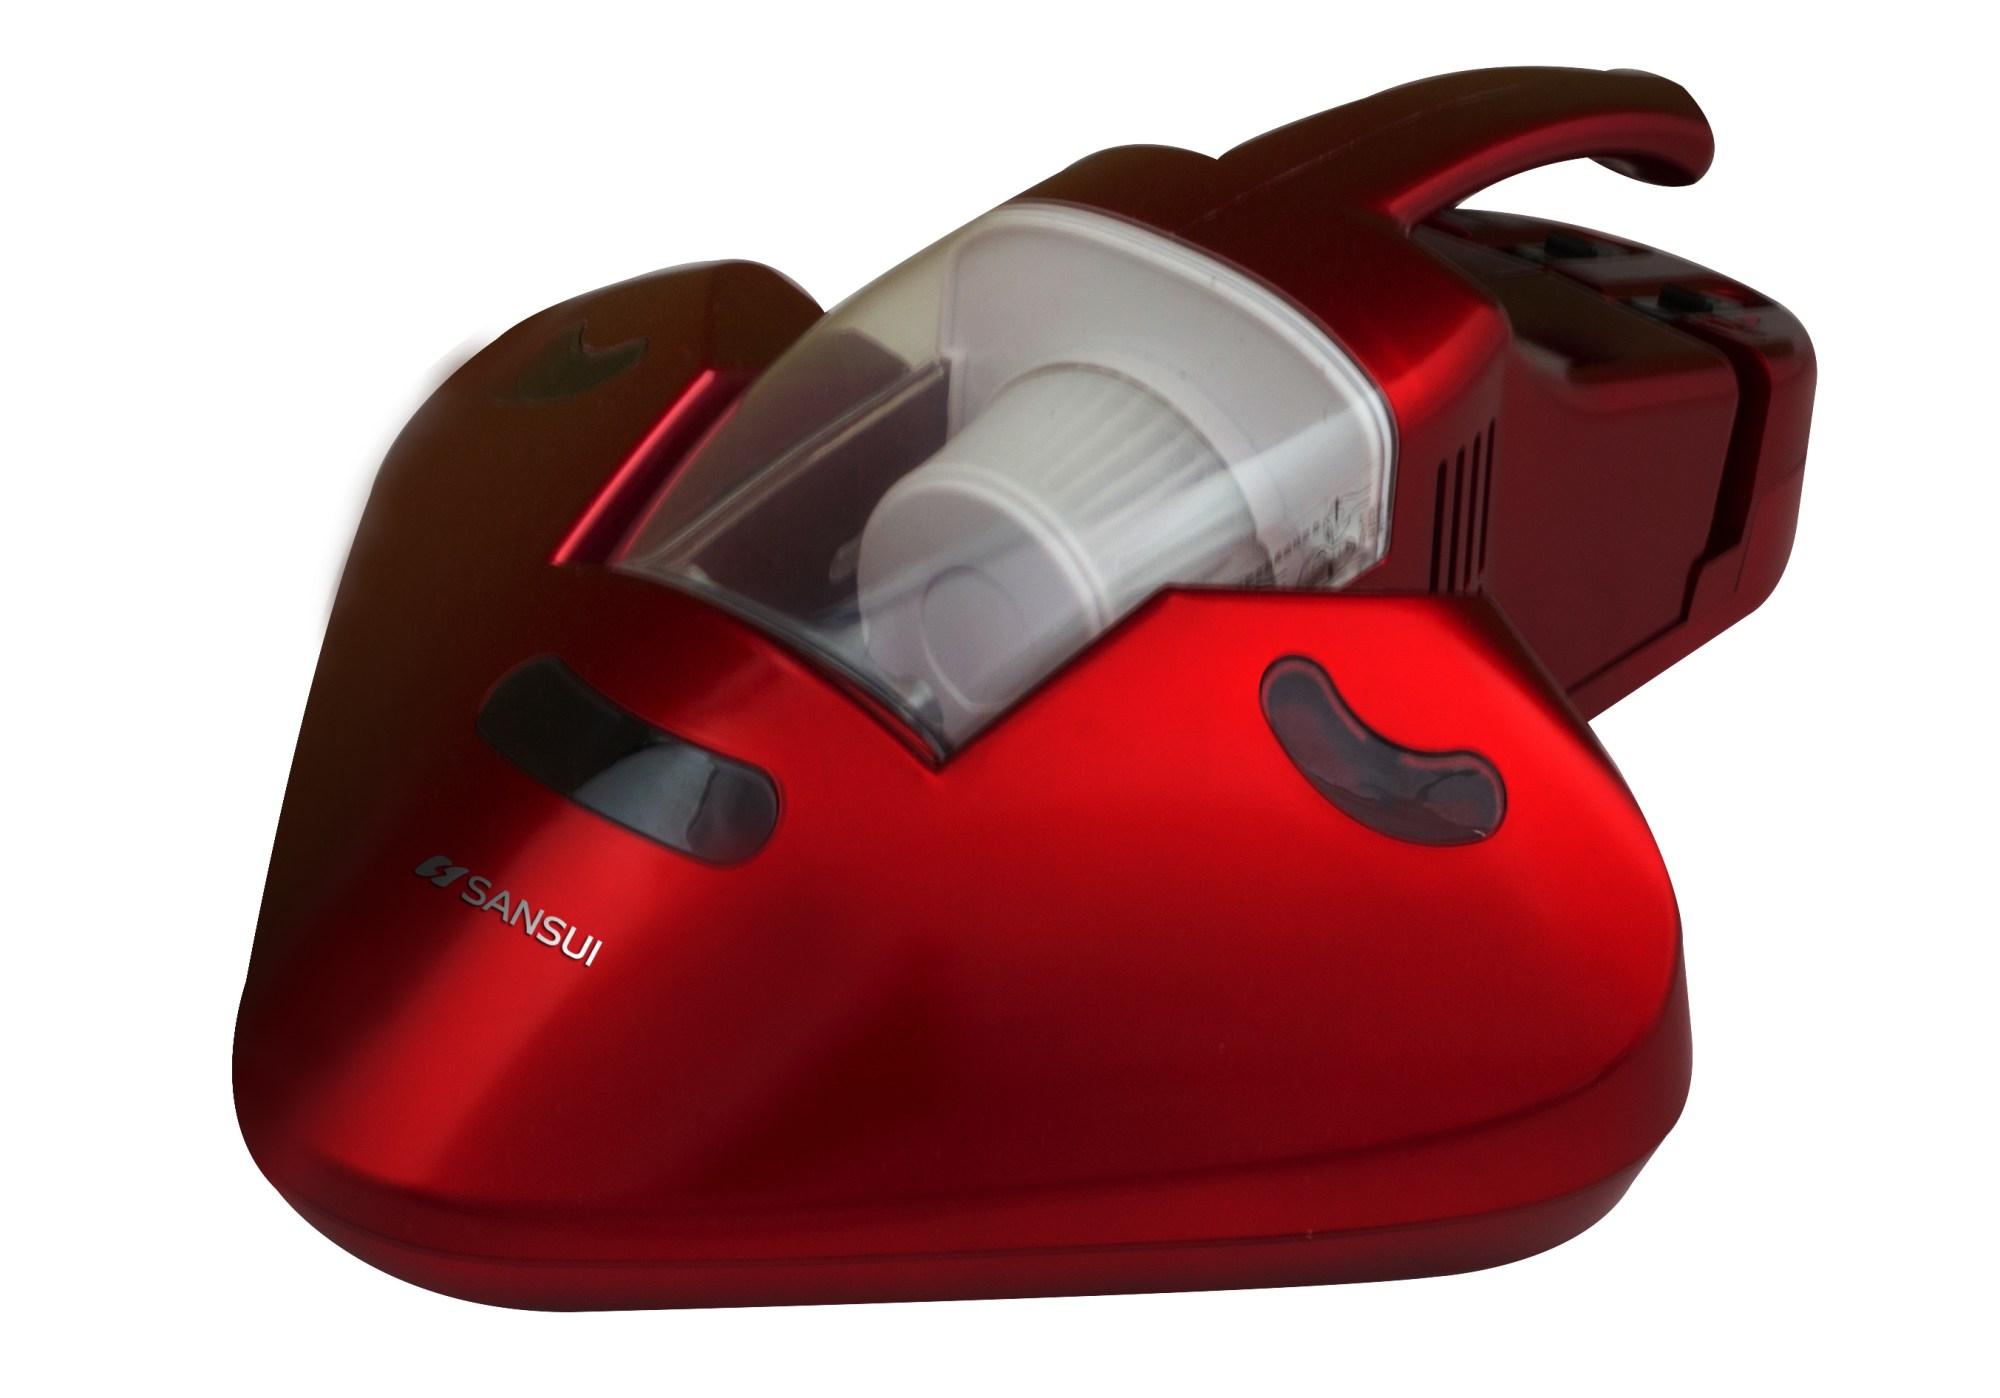 398-山水無線塵蟎吸塵器(市價 3690).jpg